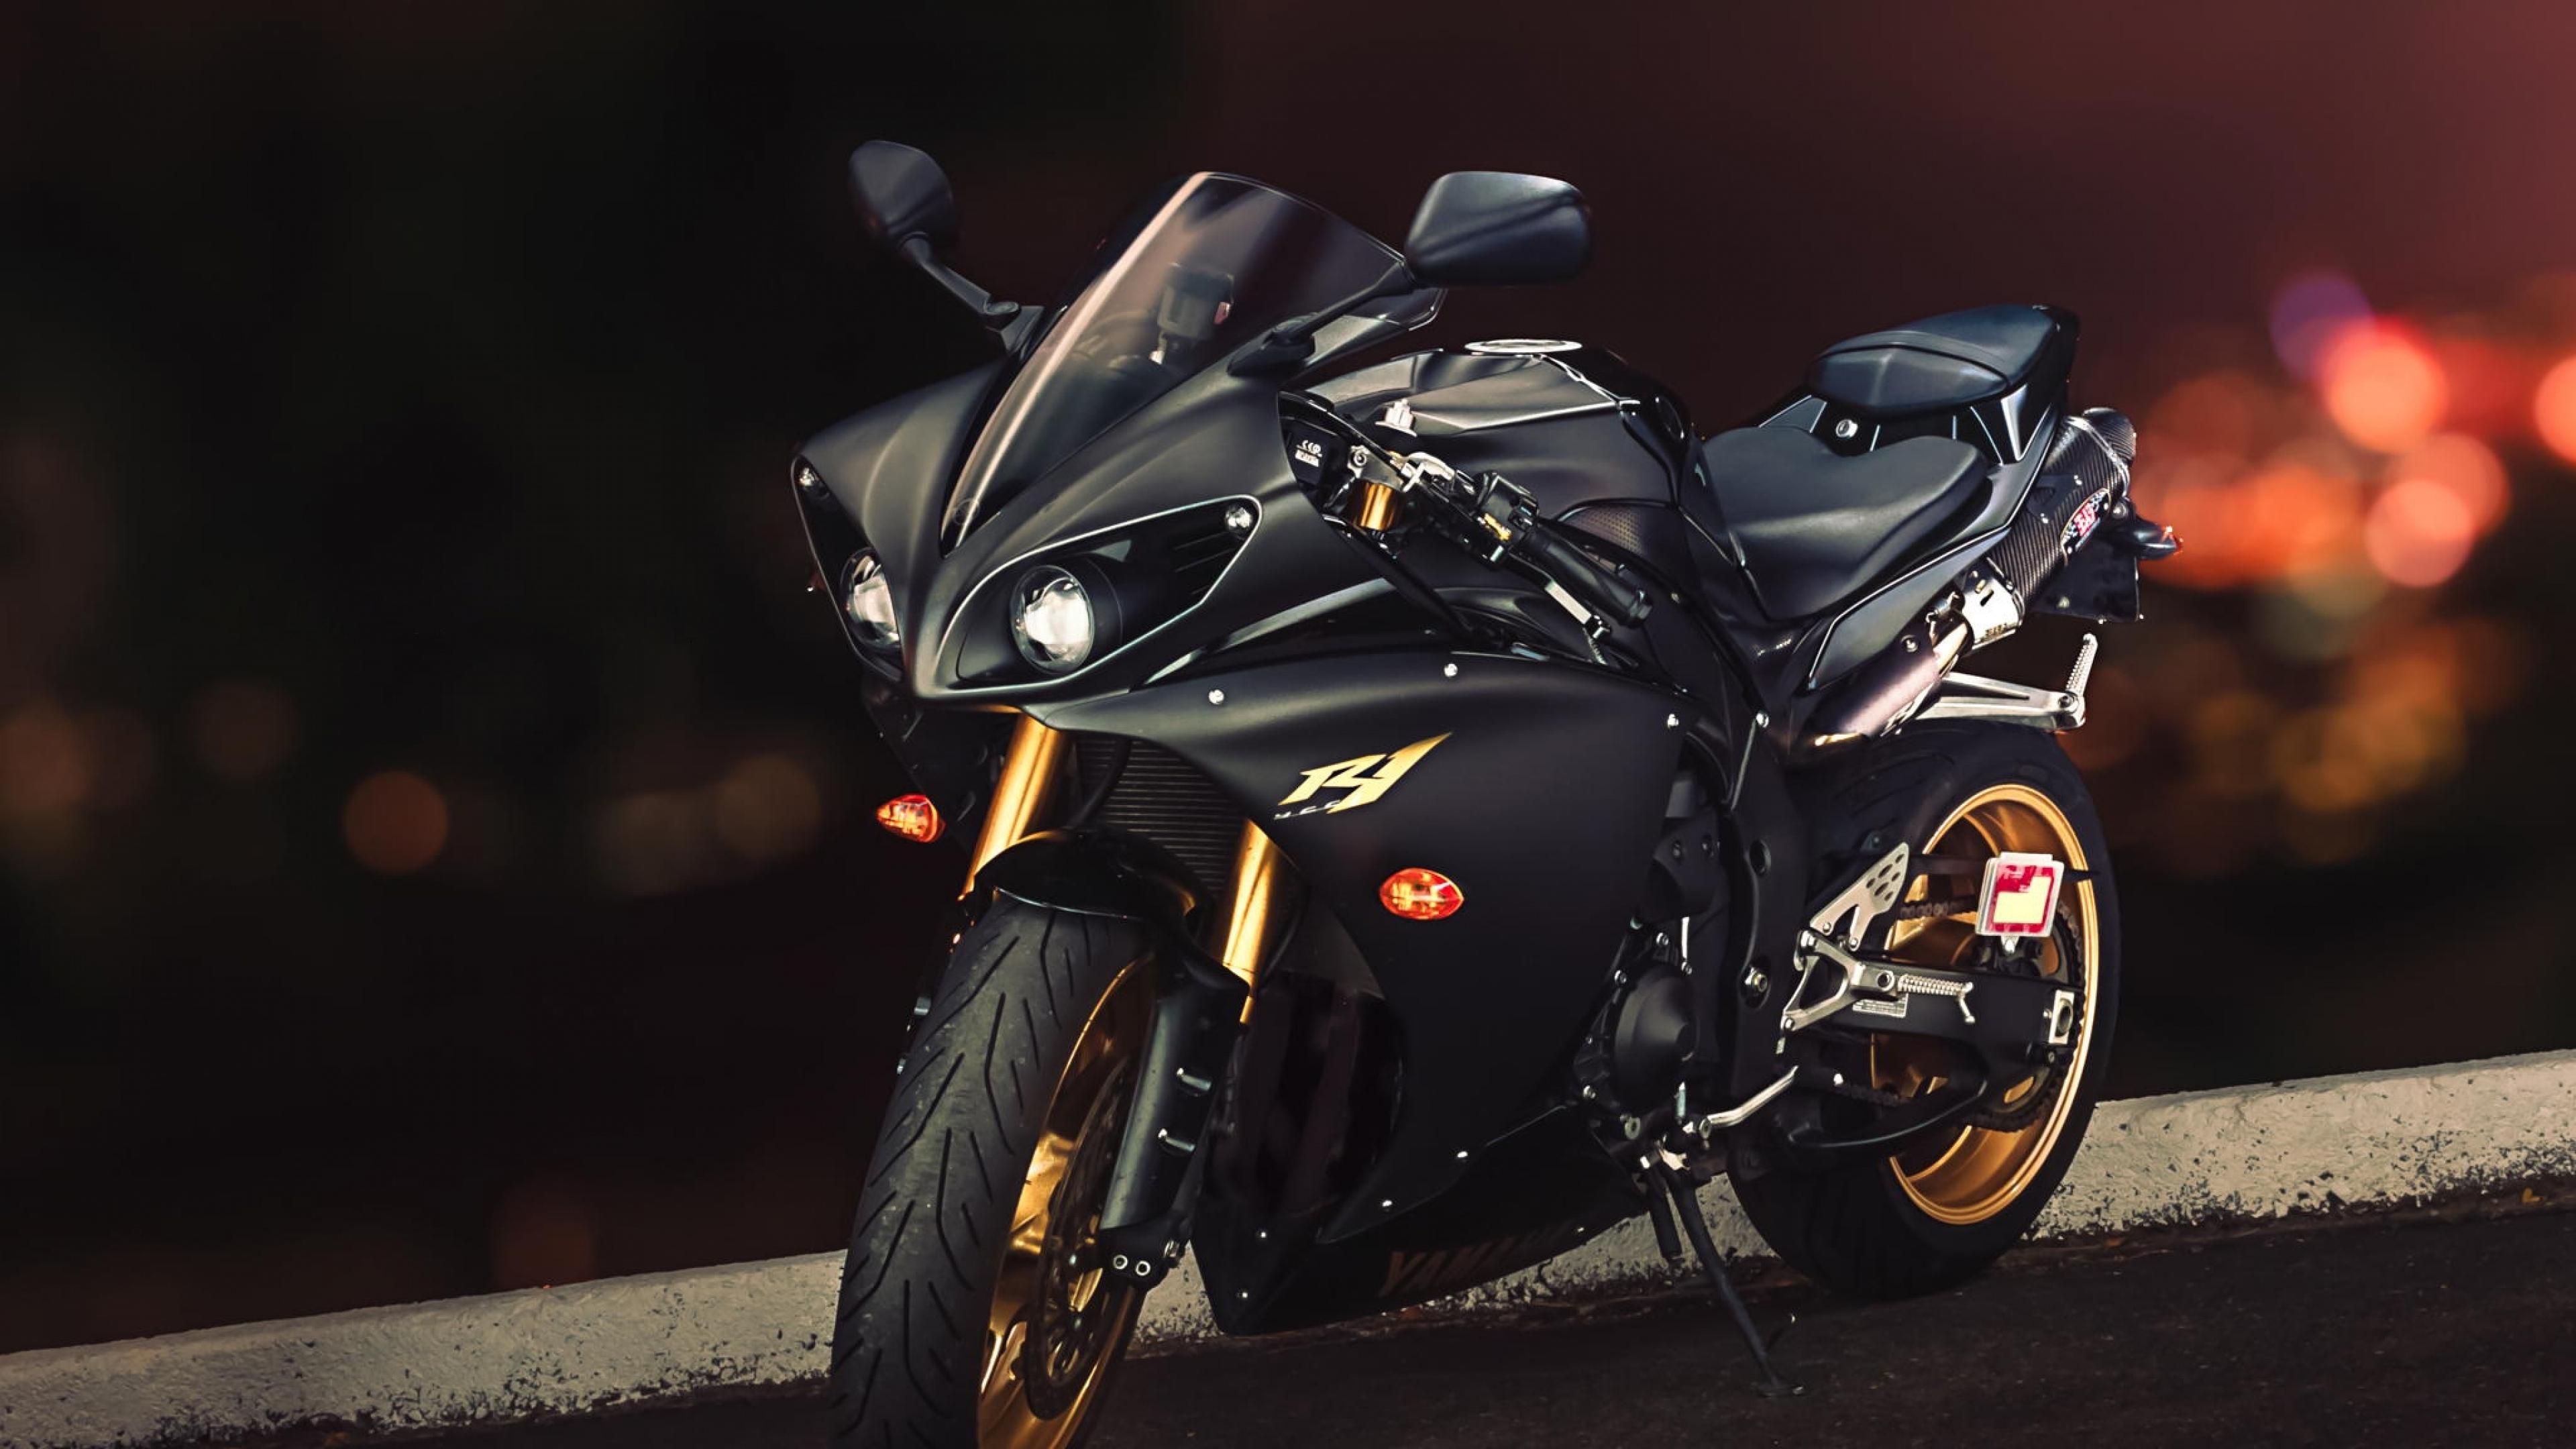 Самые крутые мотоциклы - Yamaha YZF-R1